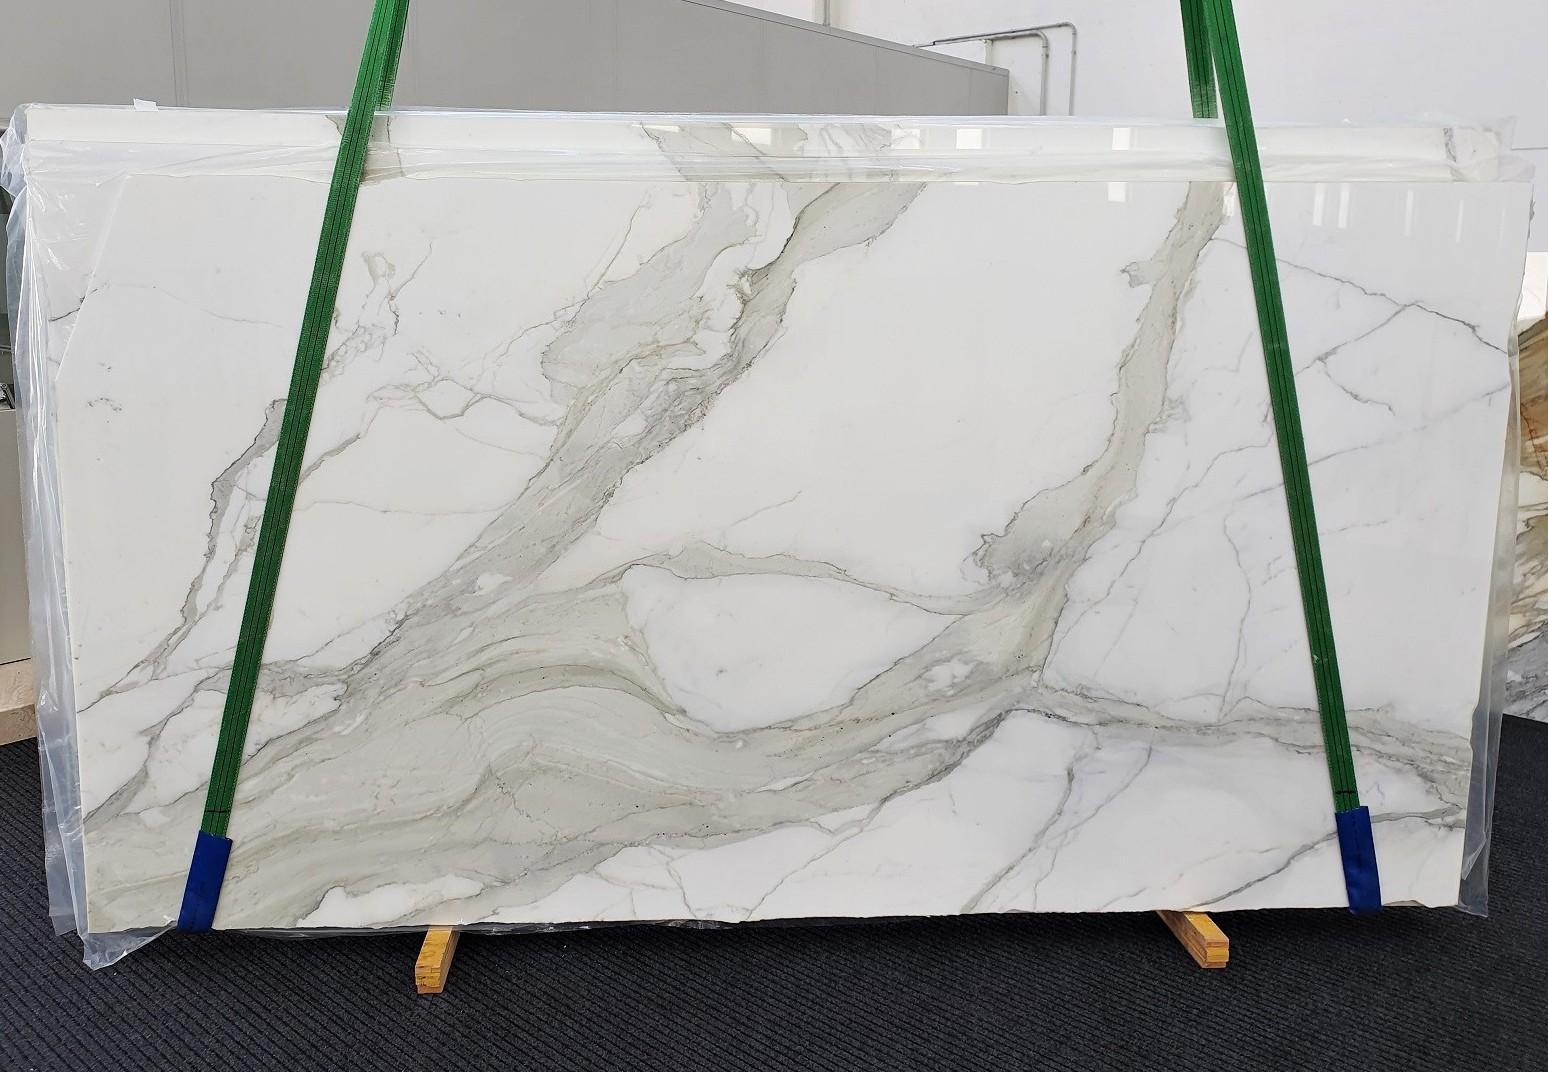 CALACATTA ORO EXTRA Suministro Veneto (Italia) de planchas pulidas en mármol natural 1366 , Slab #01